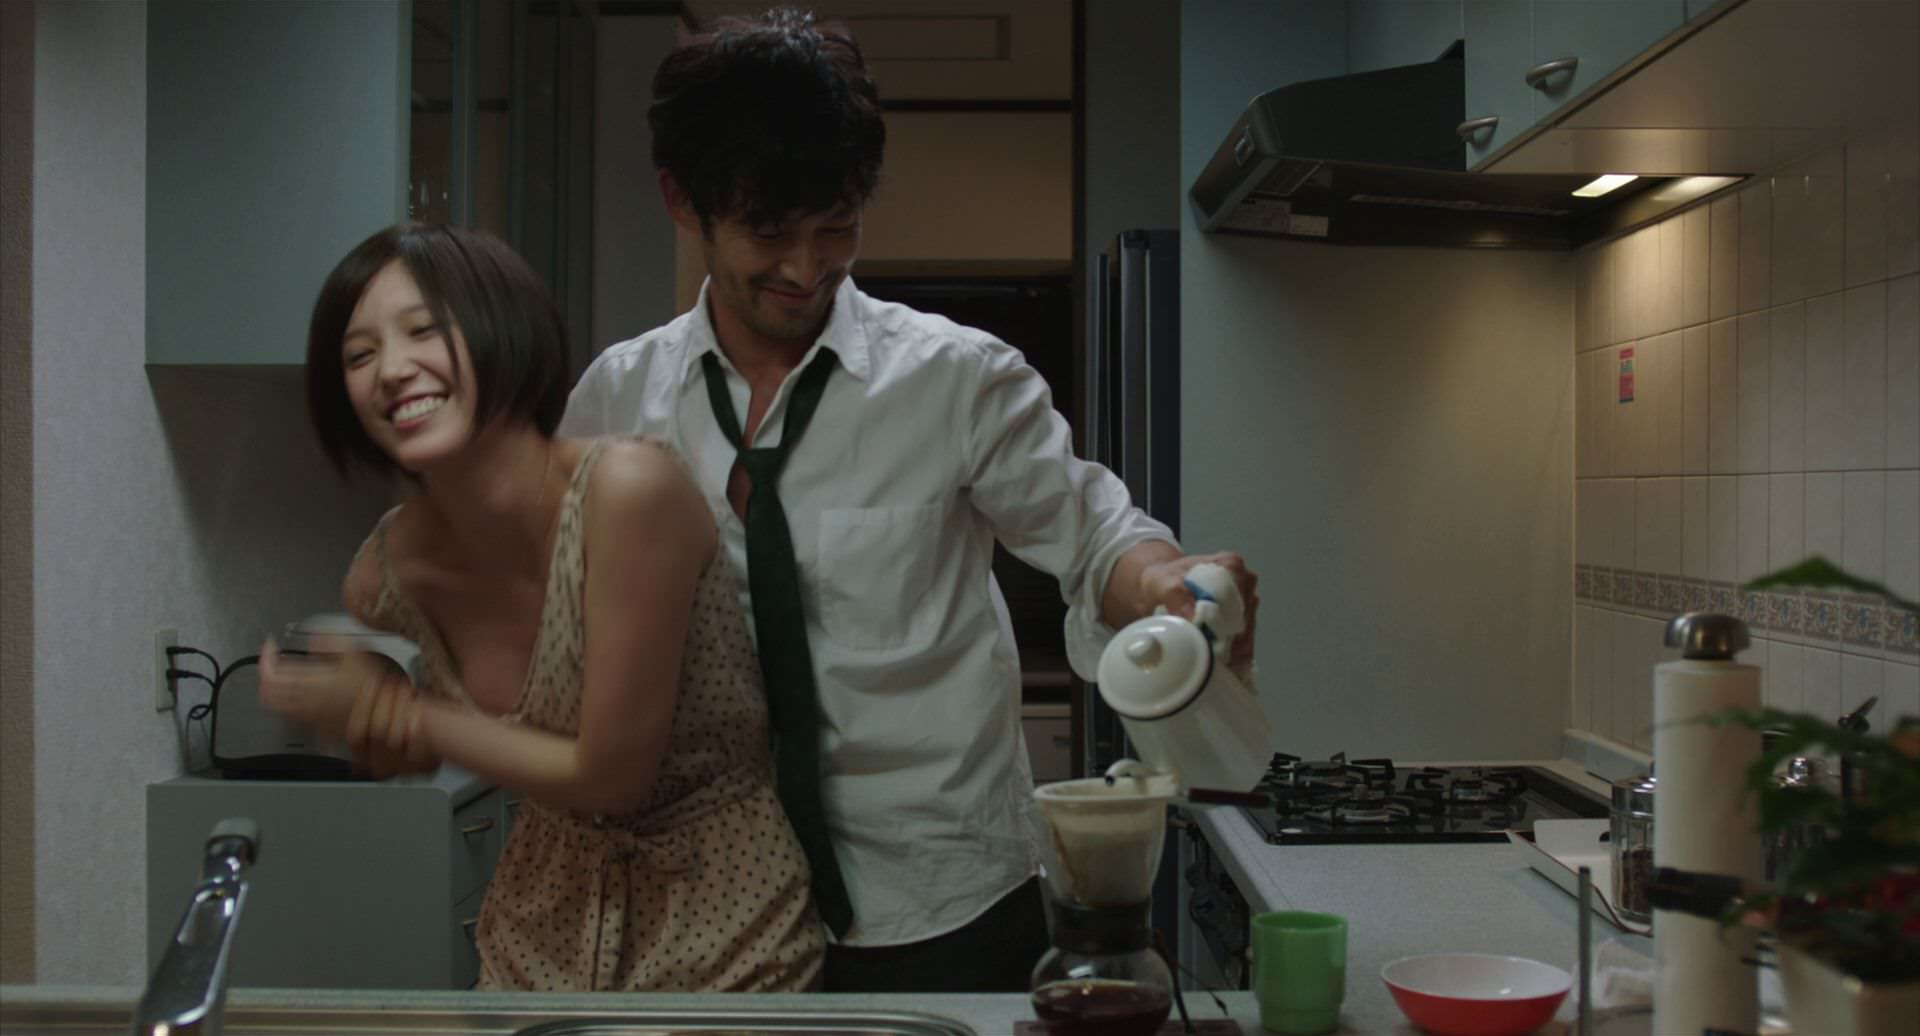 本田翼のおっぱいエロすぎぃ!「ニシノユキヒコの恋と冒険」のおっぱいキャプ画像